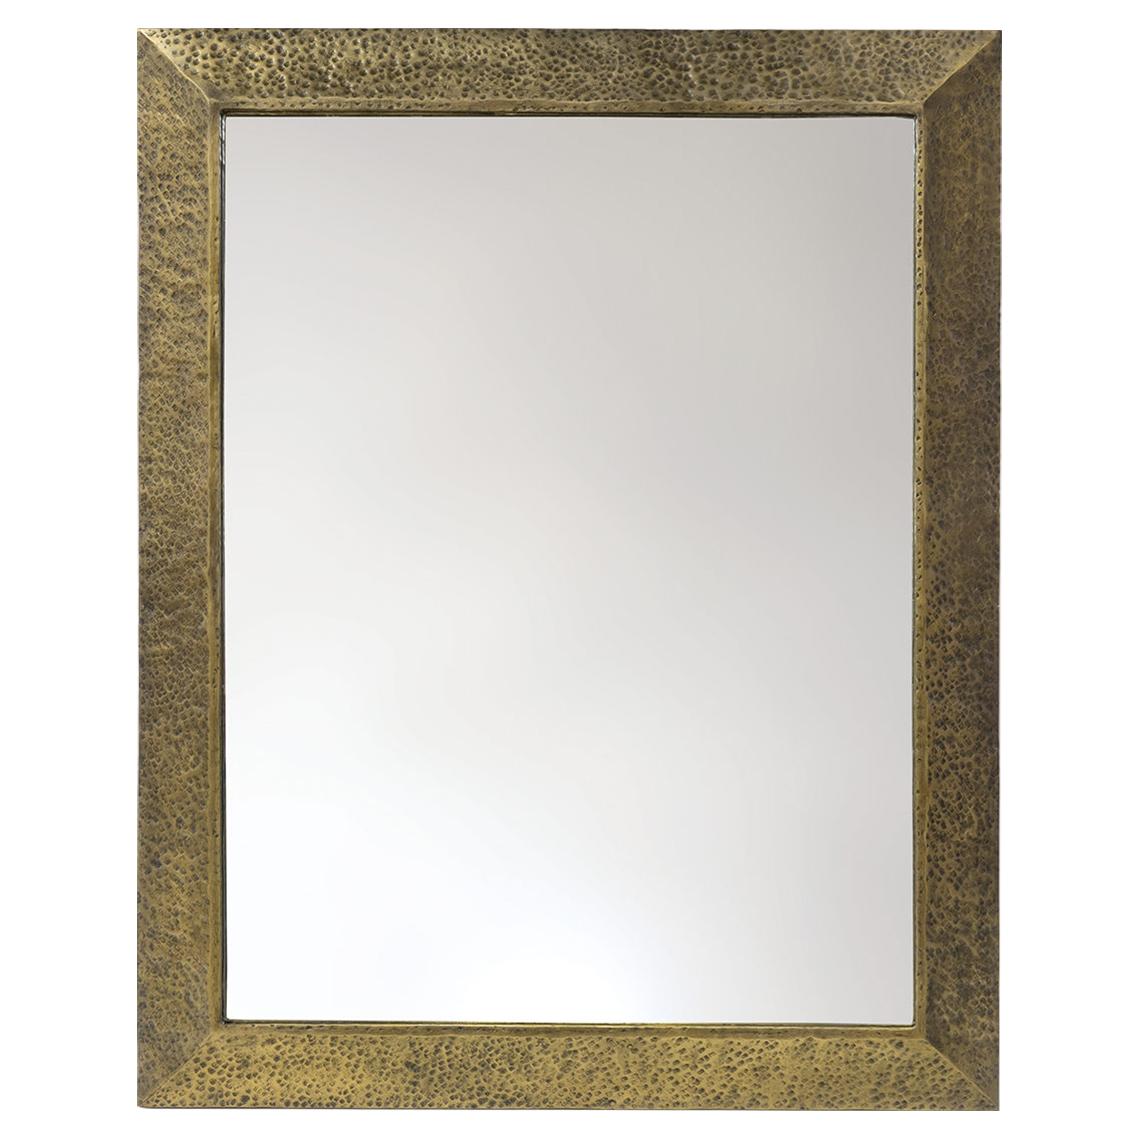 Jaron Global Bazaar Hammered Antique Brass Mirror